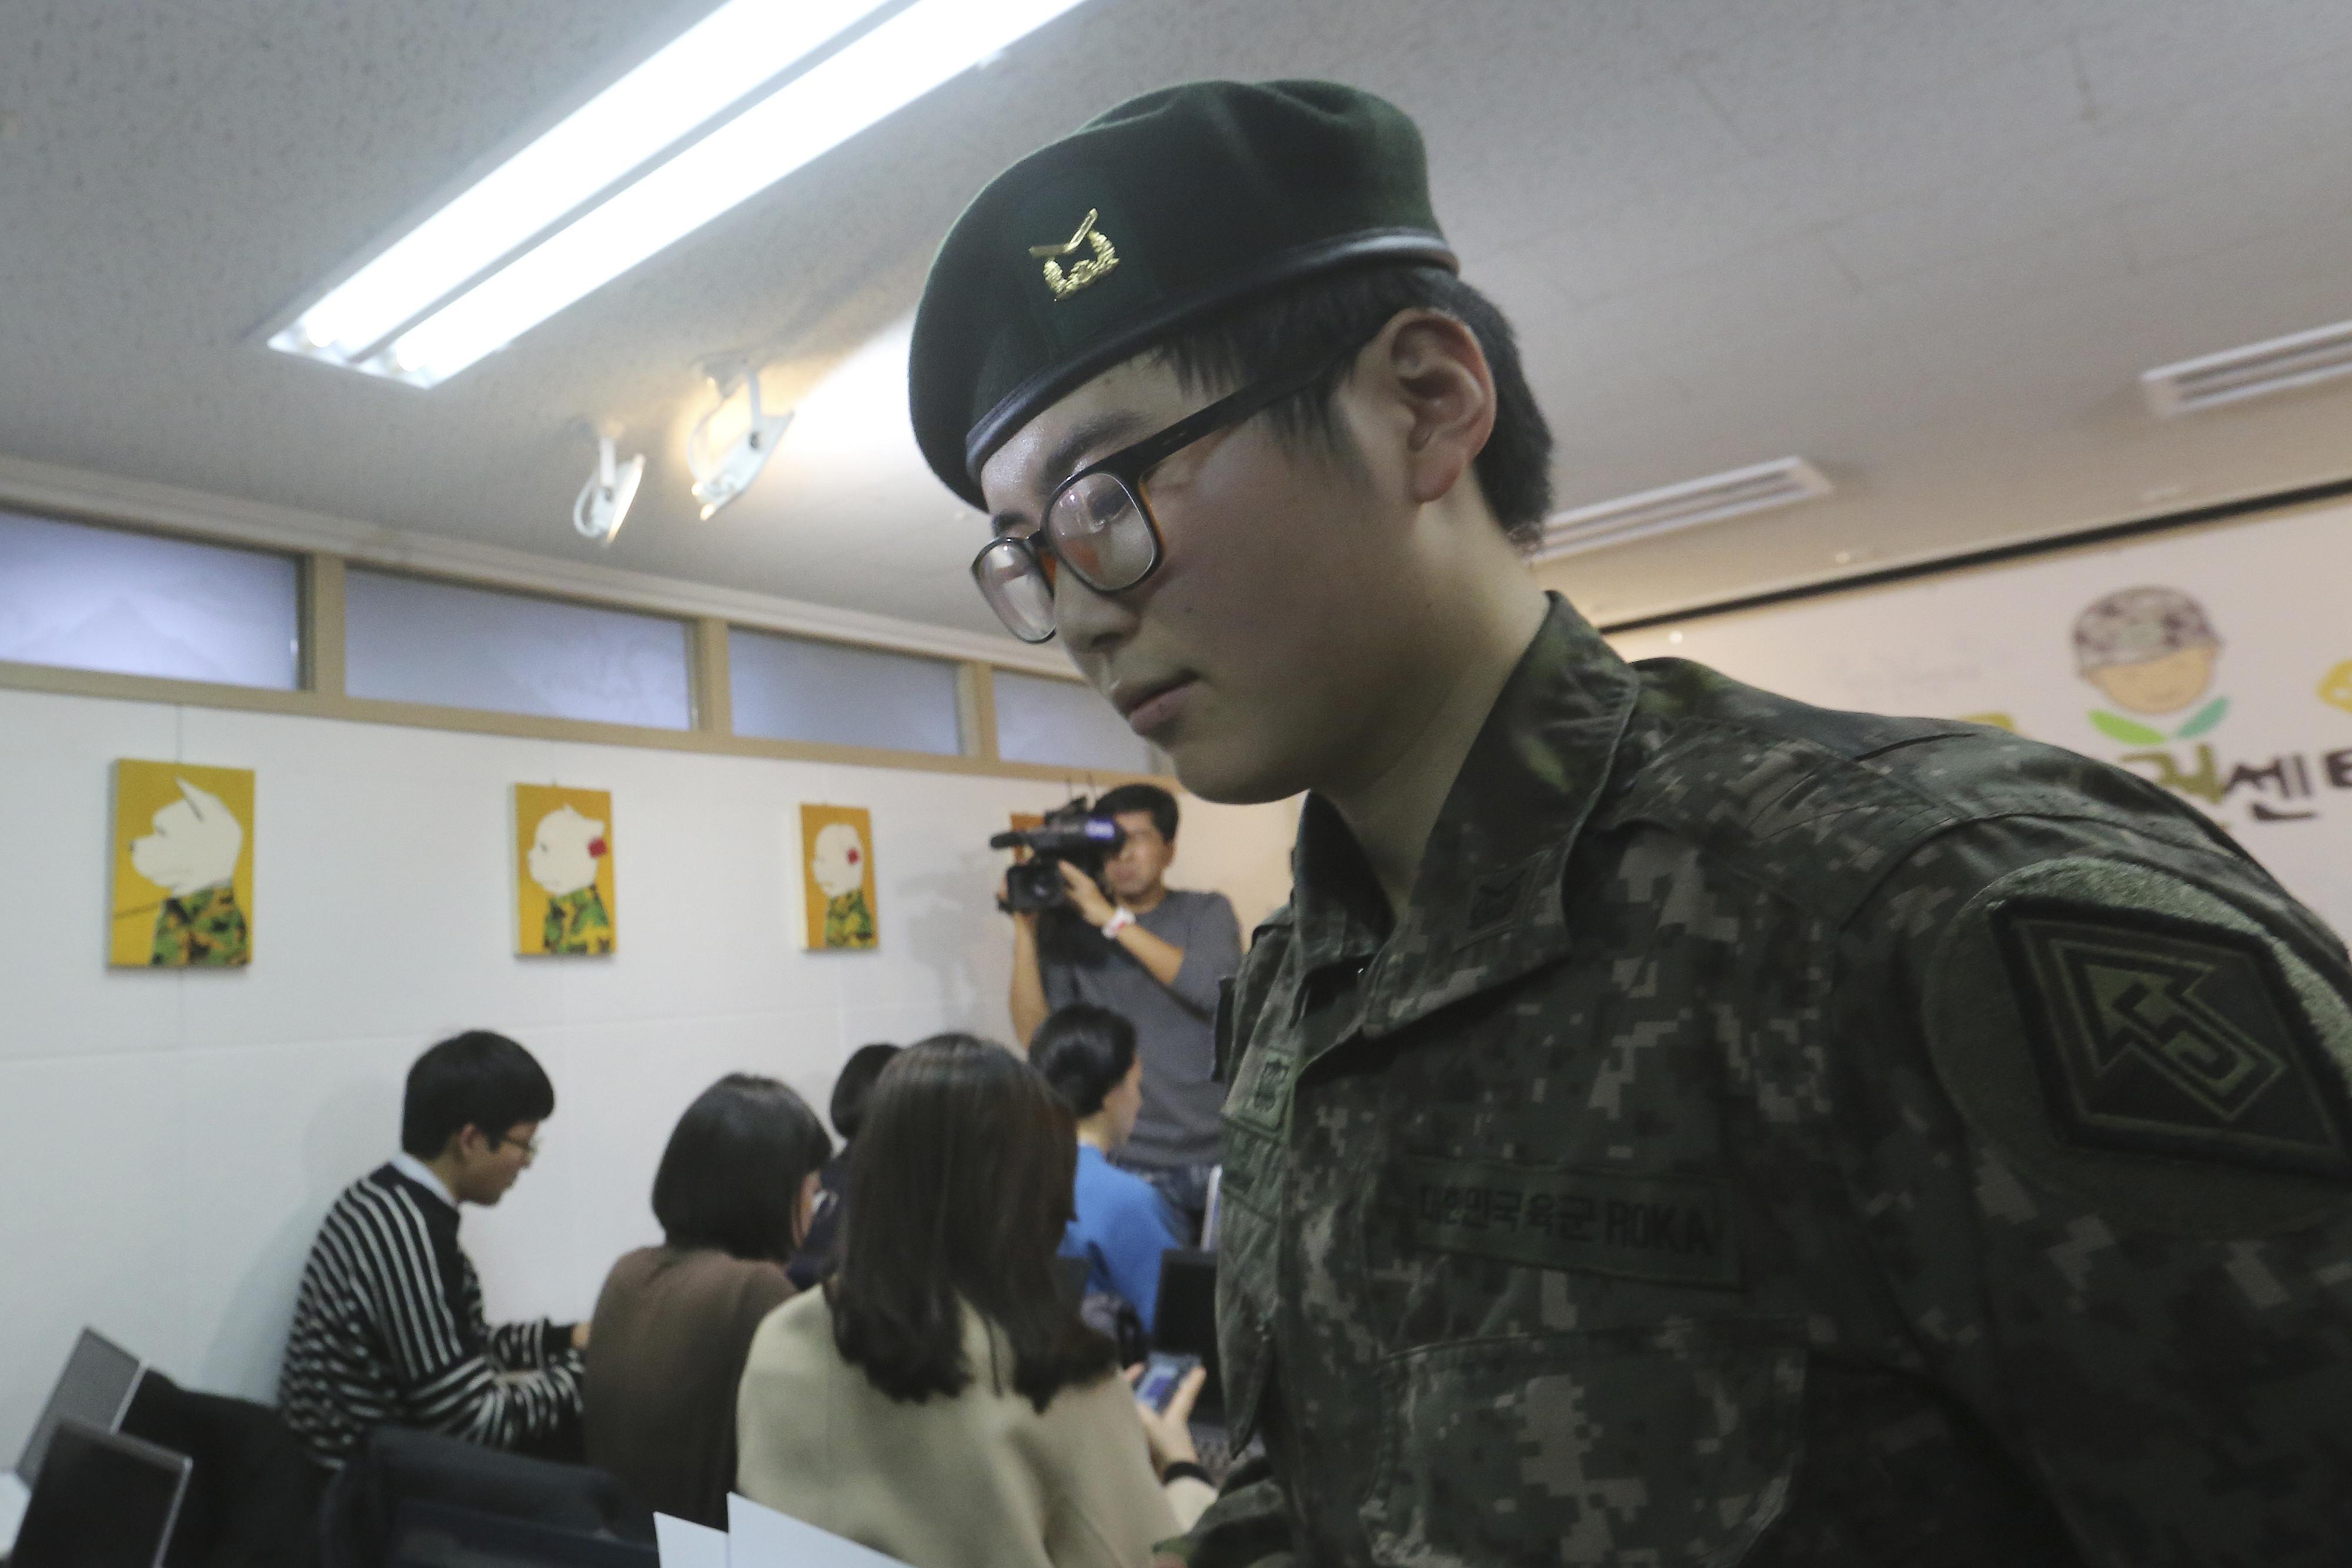 ▲▼南韓首位跨性別軍人卞熙秀遭軍方強制退役,在記者會上痛哭。(圖/達志影像/美聯社)